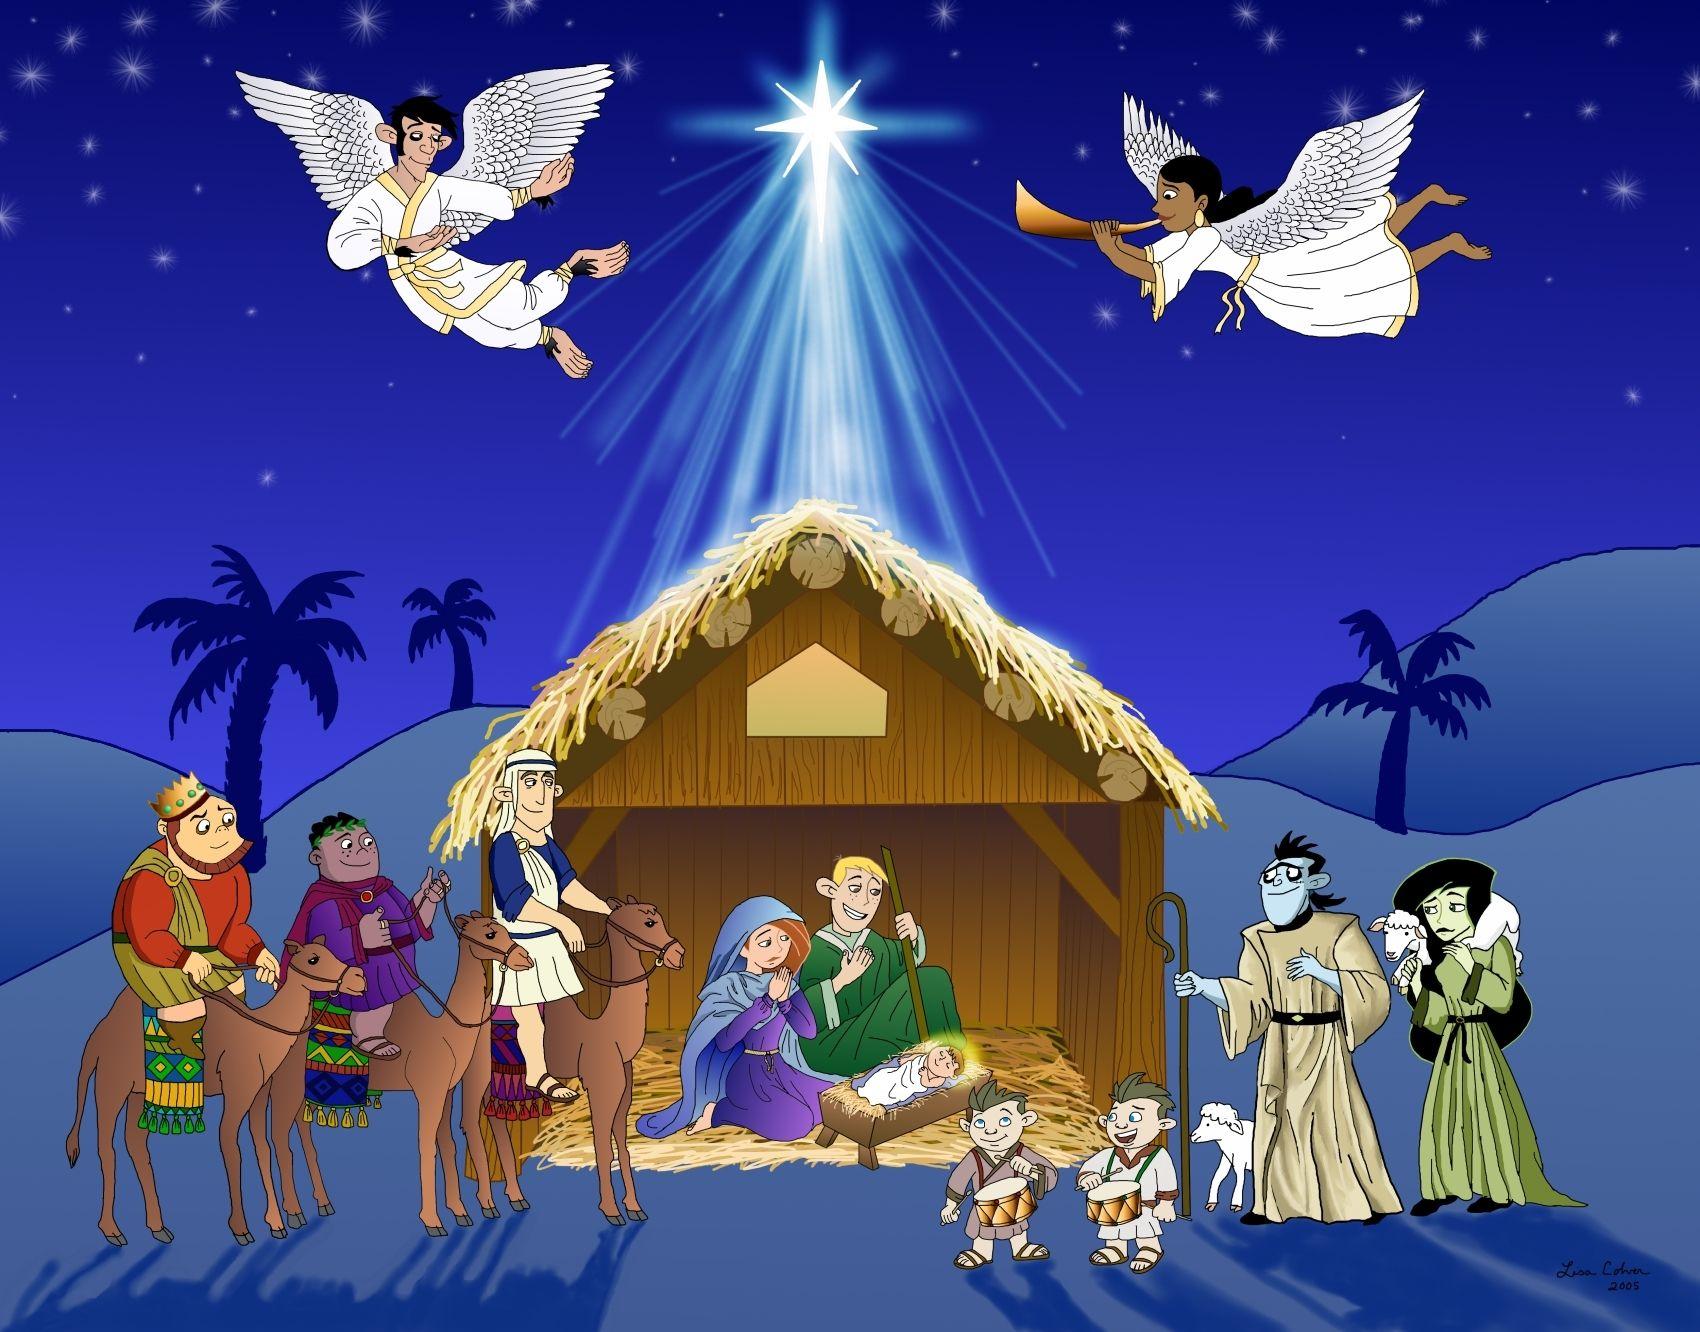 medium resolution of nativity scene clip art kim possible nativity scene by drakkenfan fan art digital art